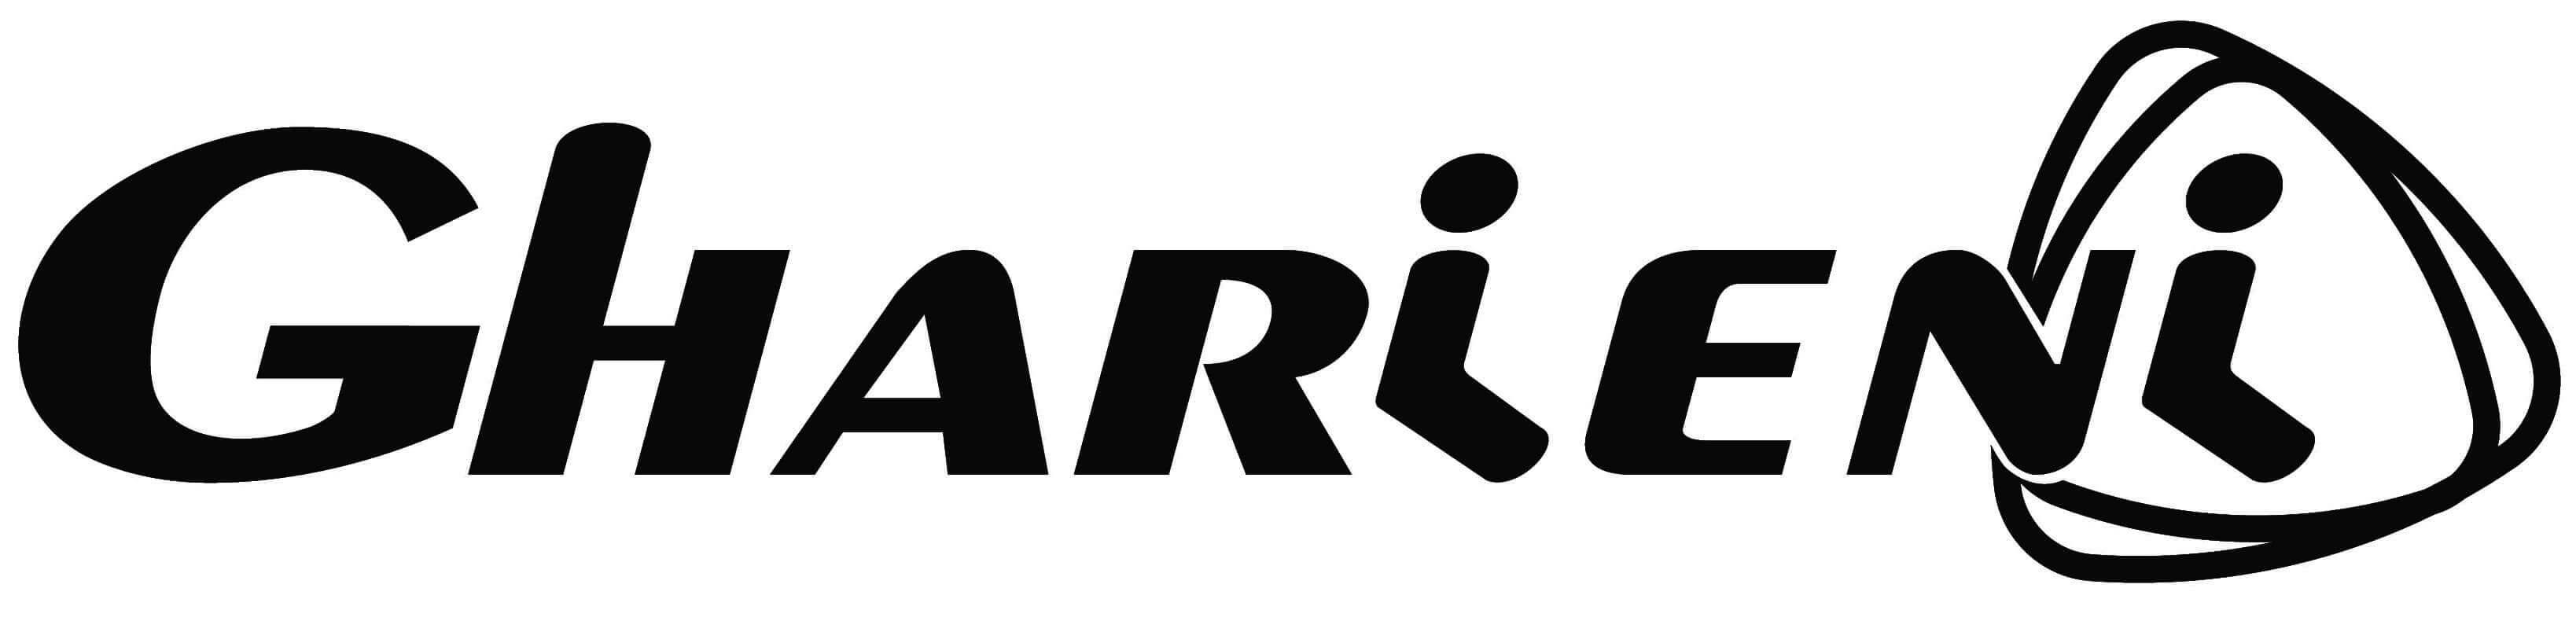 gharieni-logo